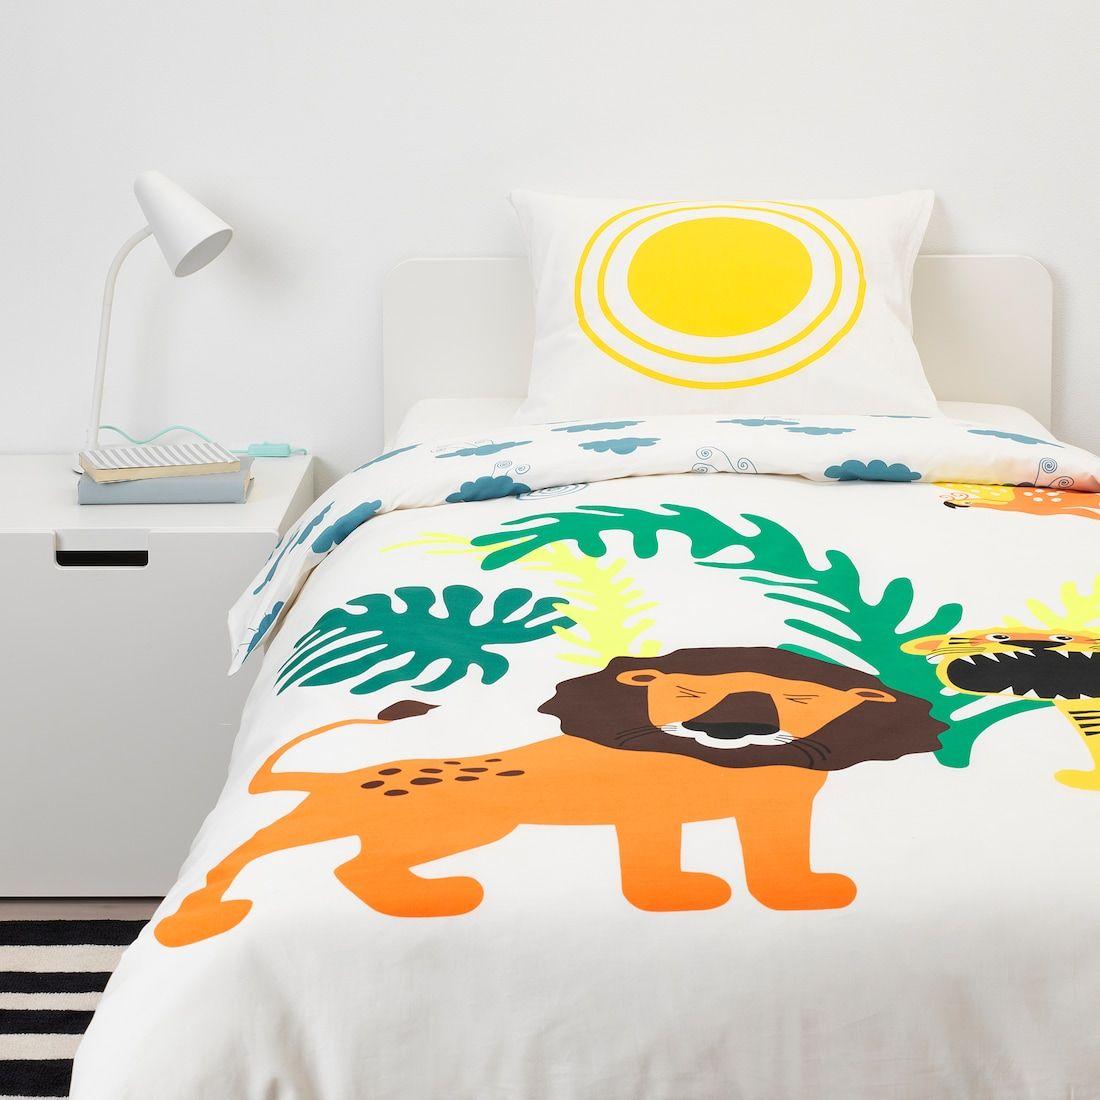 Djungelskog Housse De Couette Et Taie Animal Nuage Ikea Kids Bed Linen Duvet Covers Quilt Cover